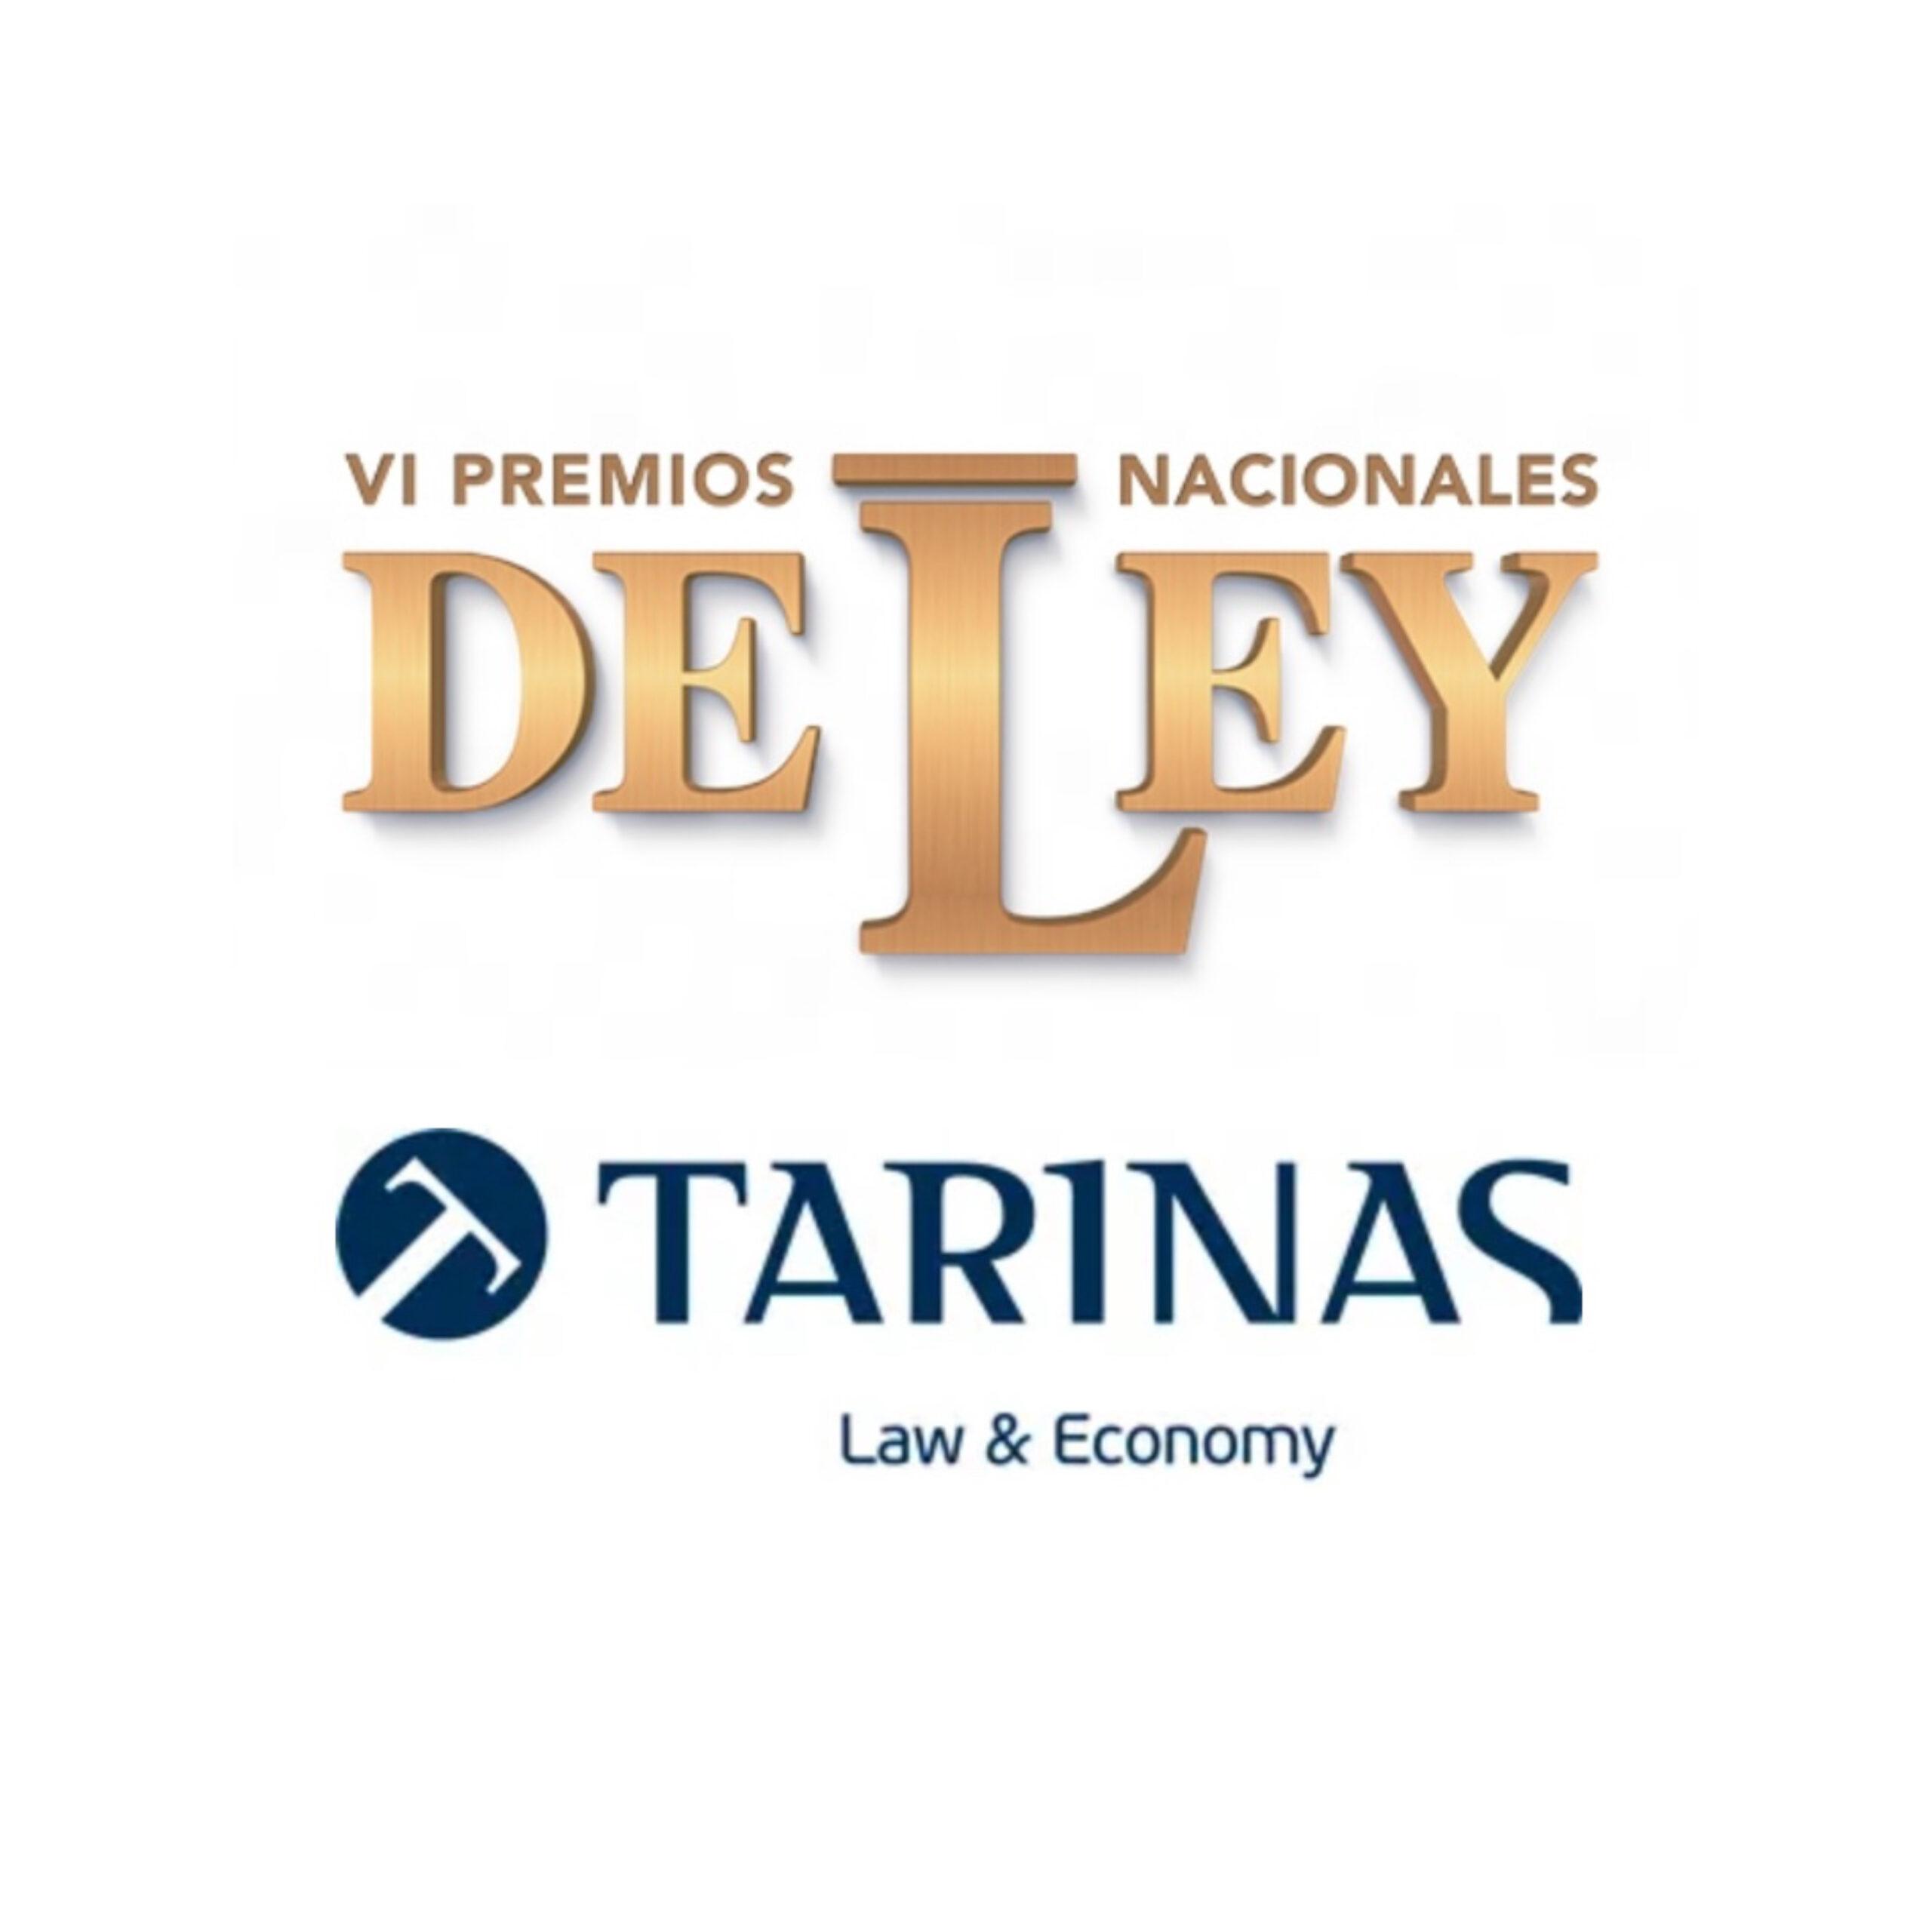 Tarinas Law & Economy premiada con un galardón en Derecho Bancario